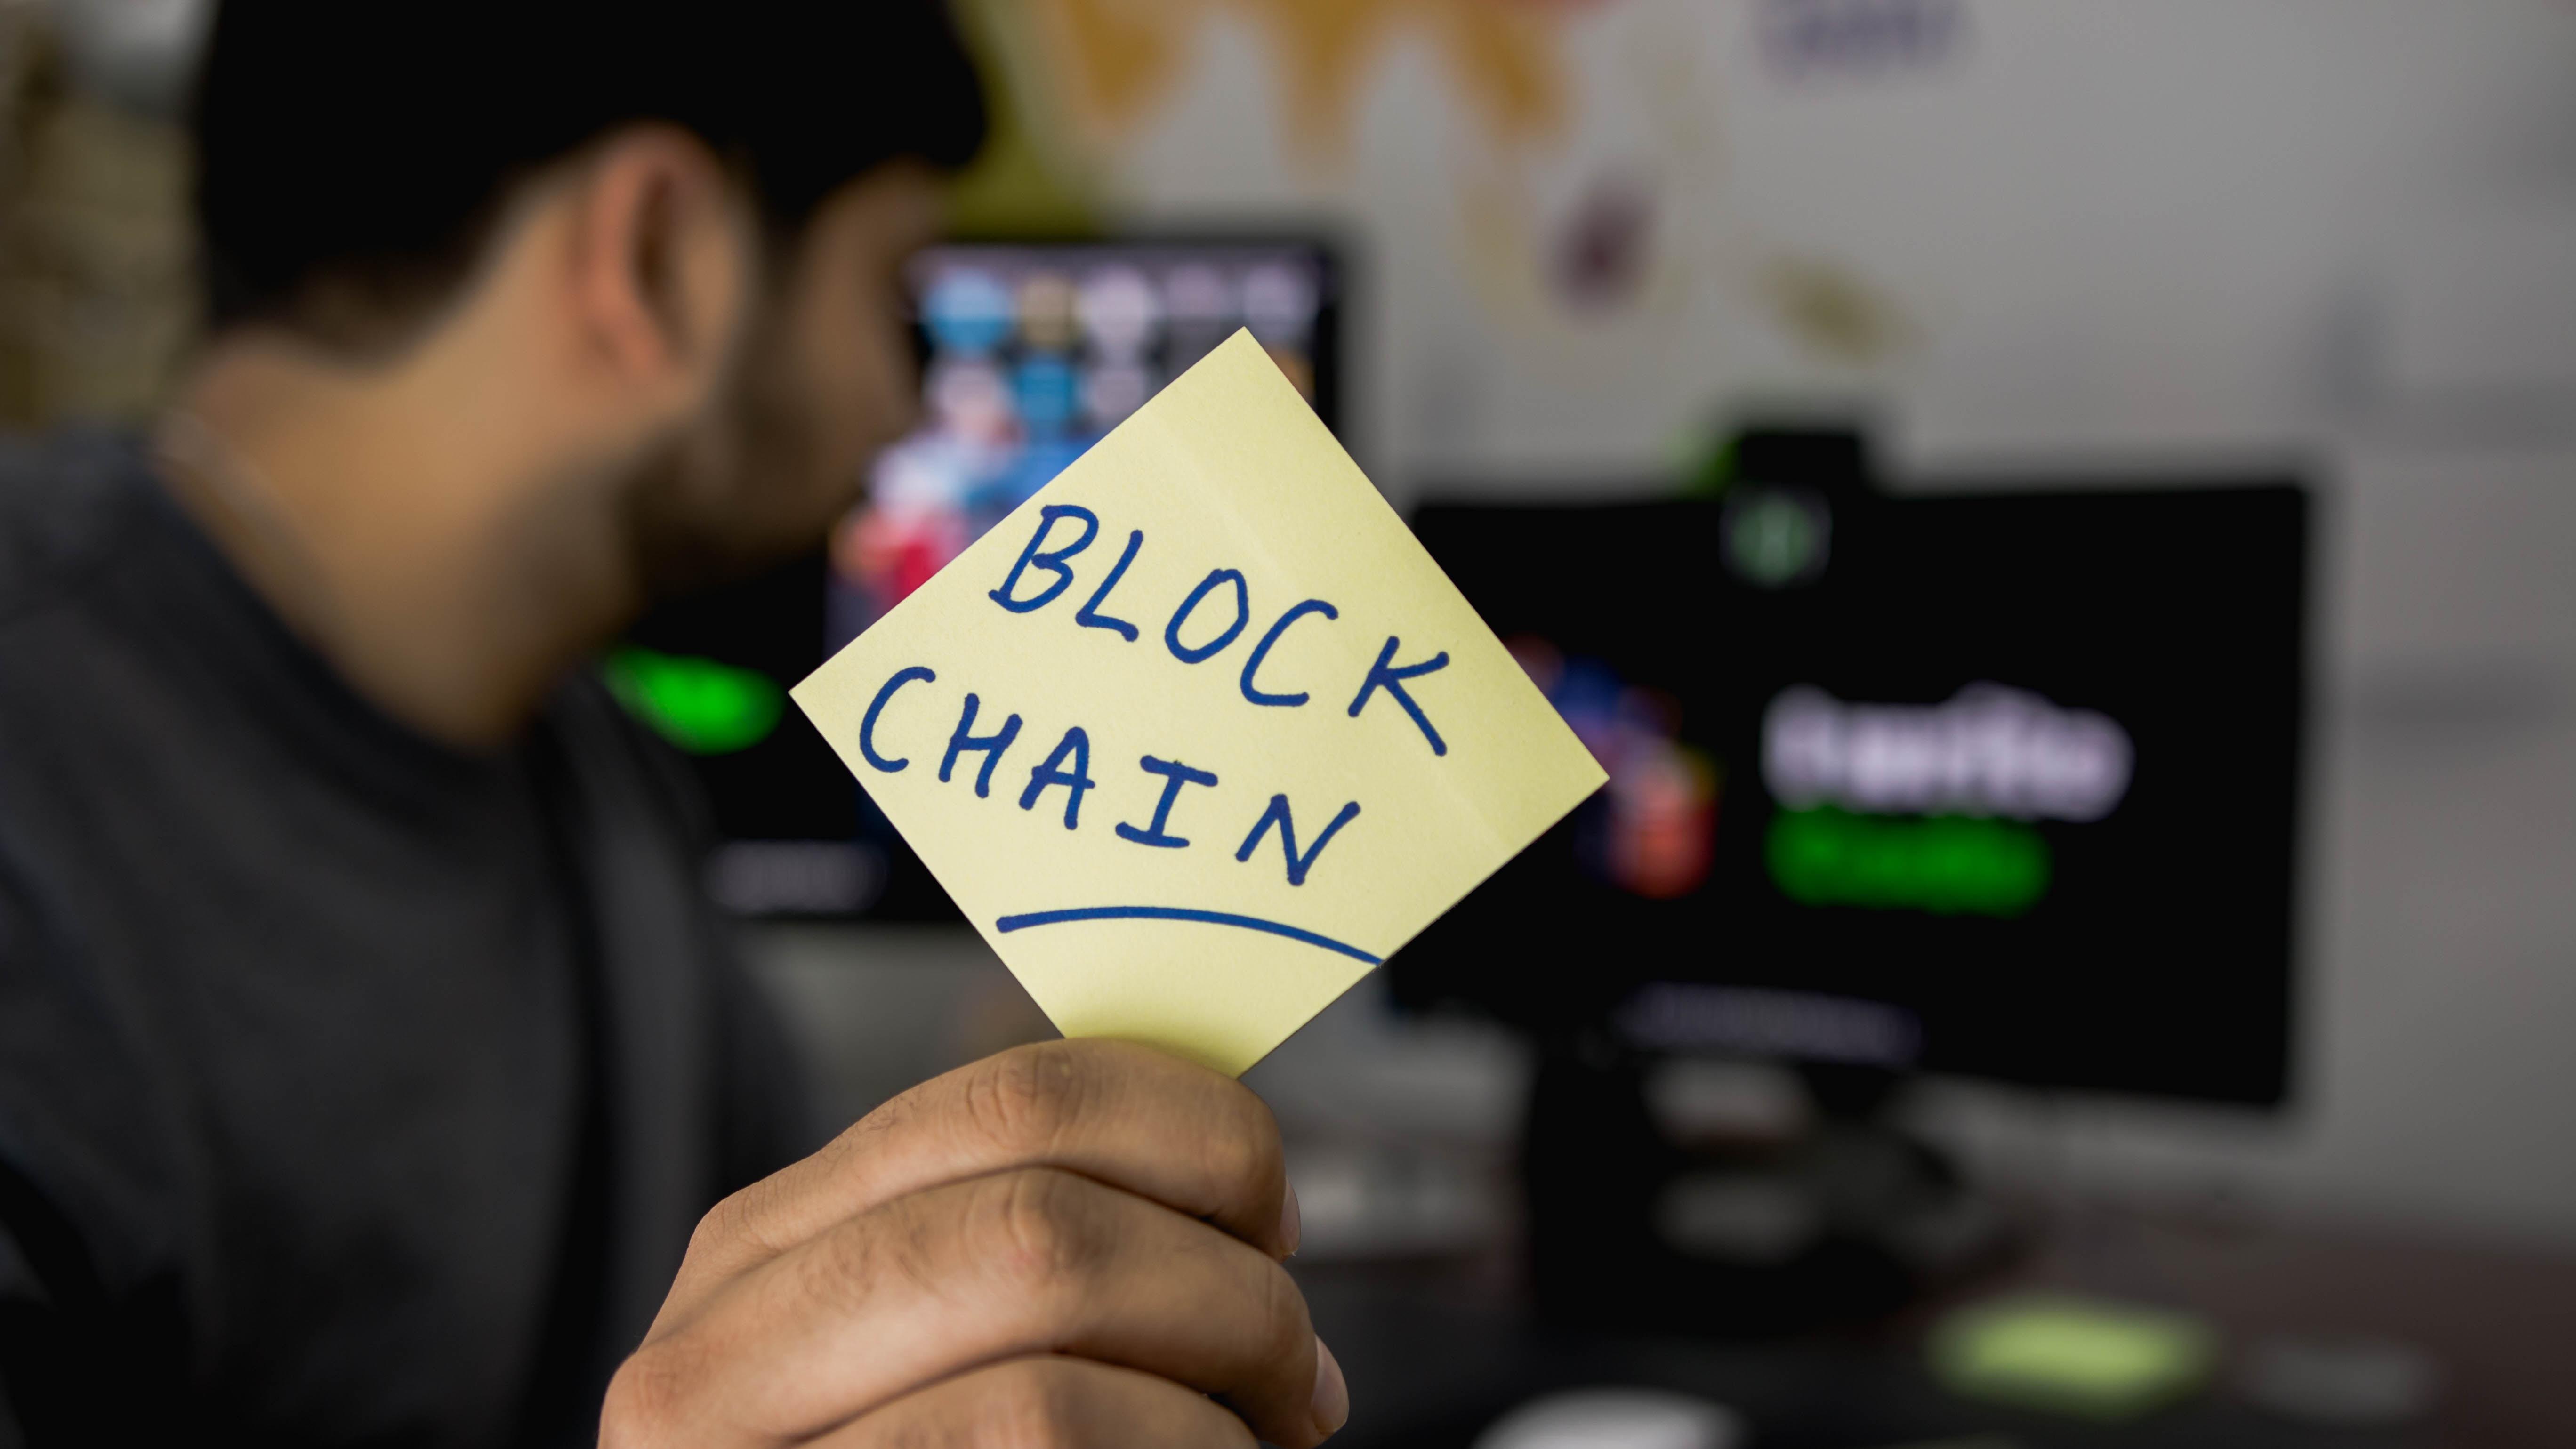 DigitalBlockchain | Consulting & Solutions